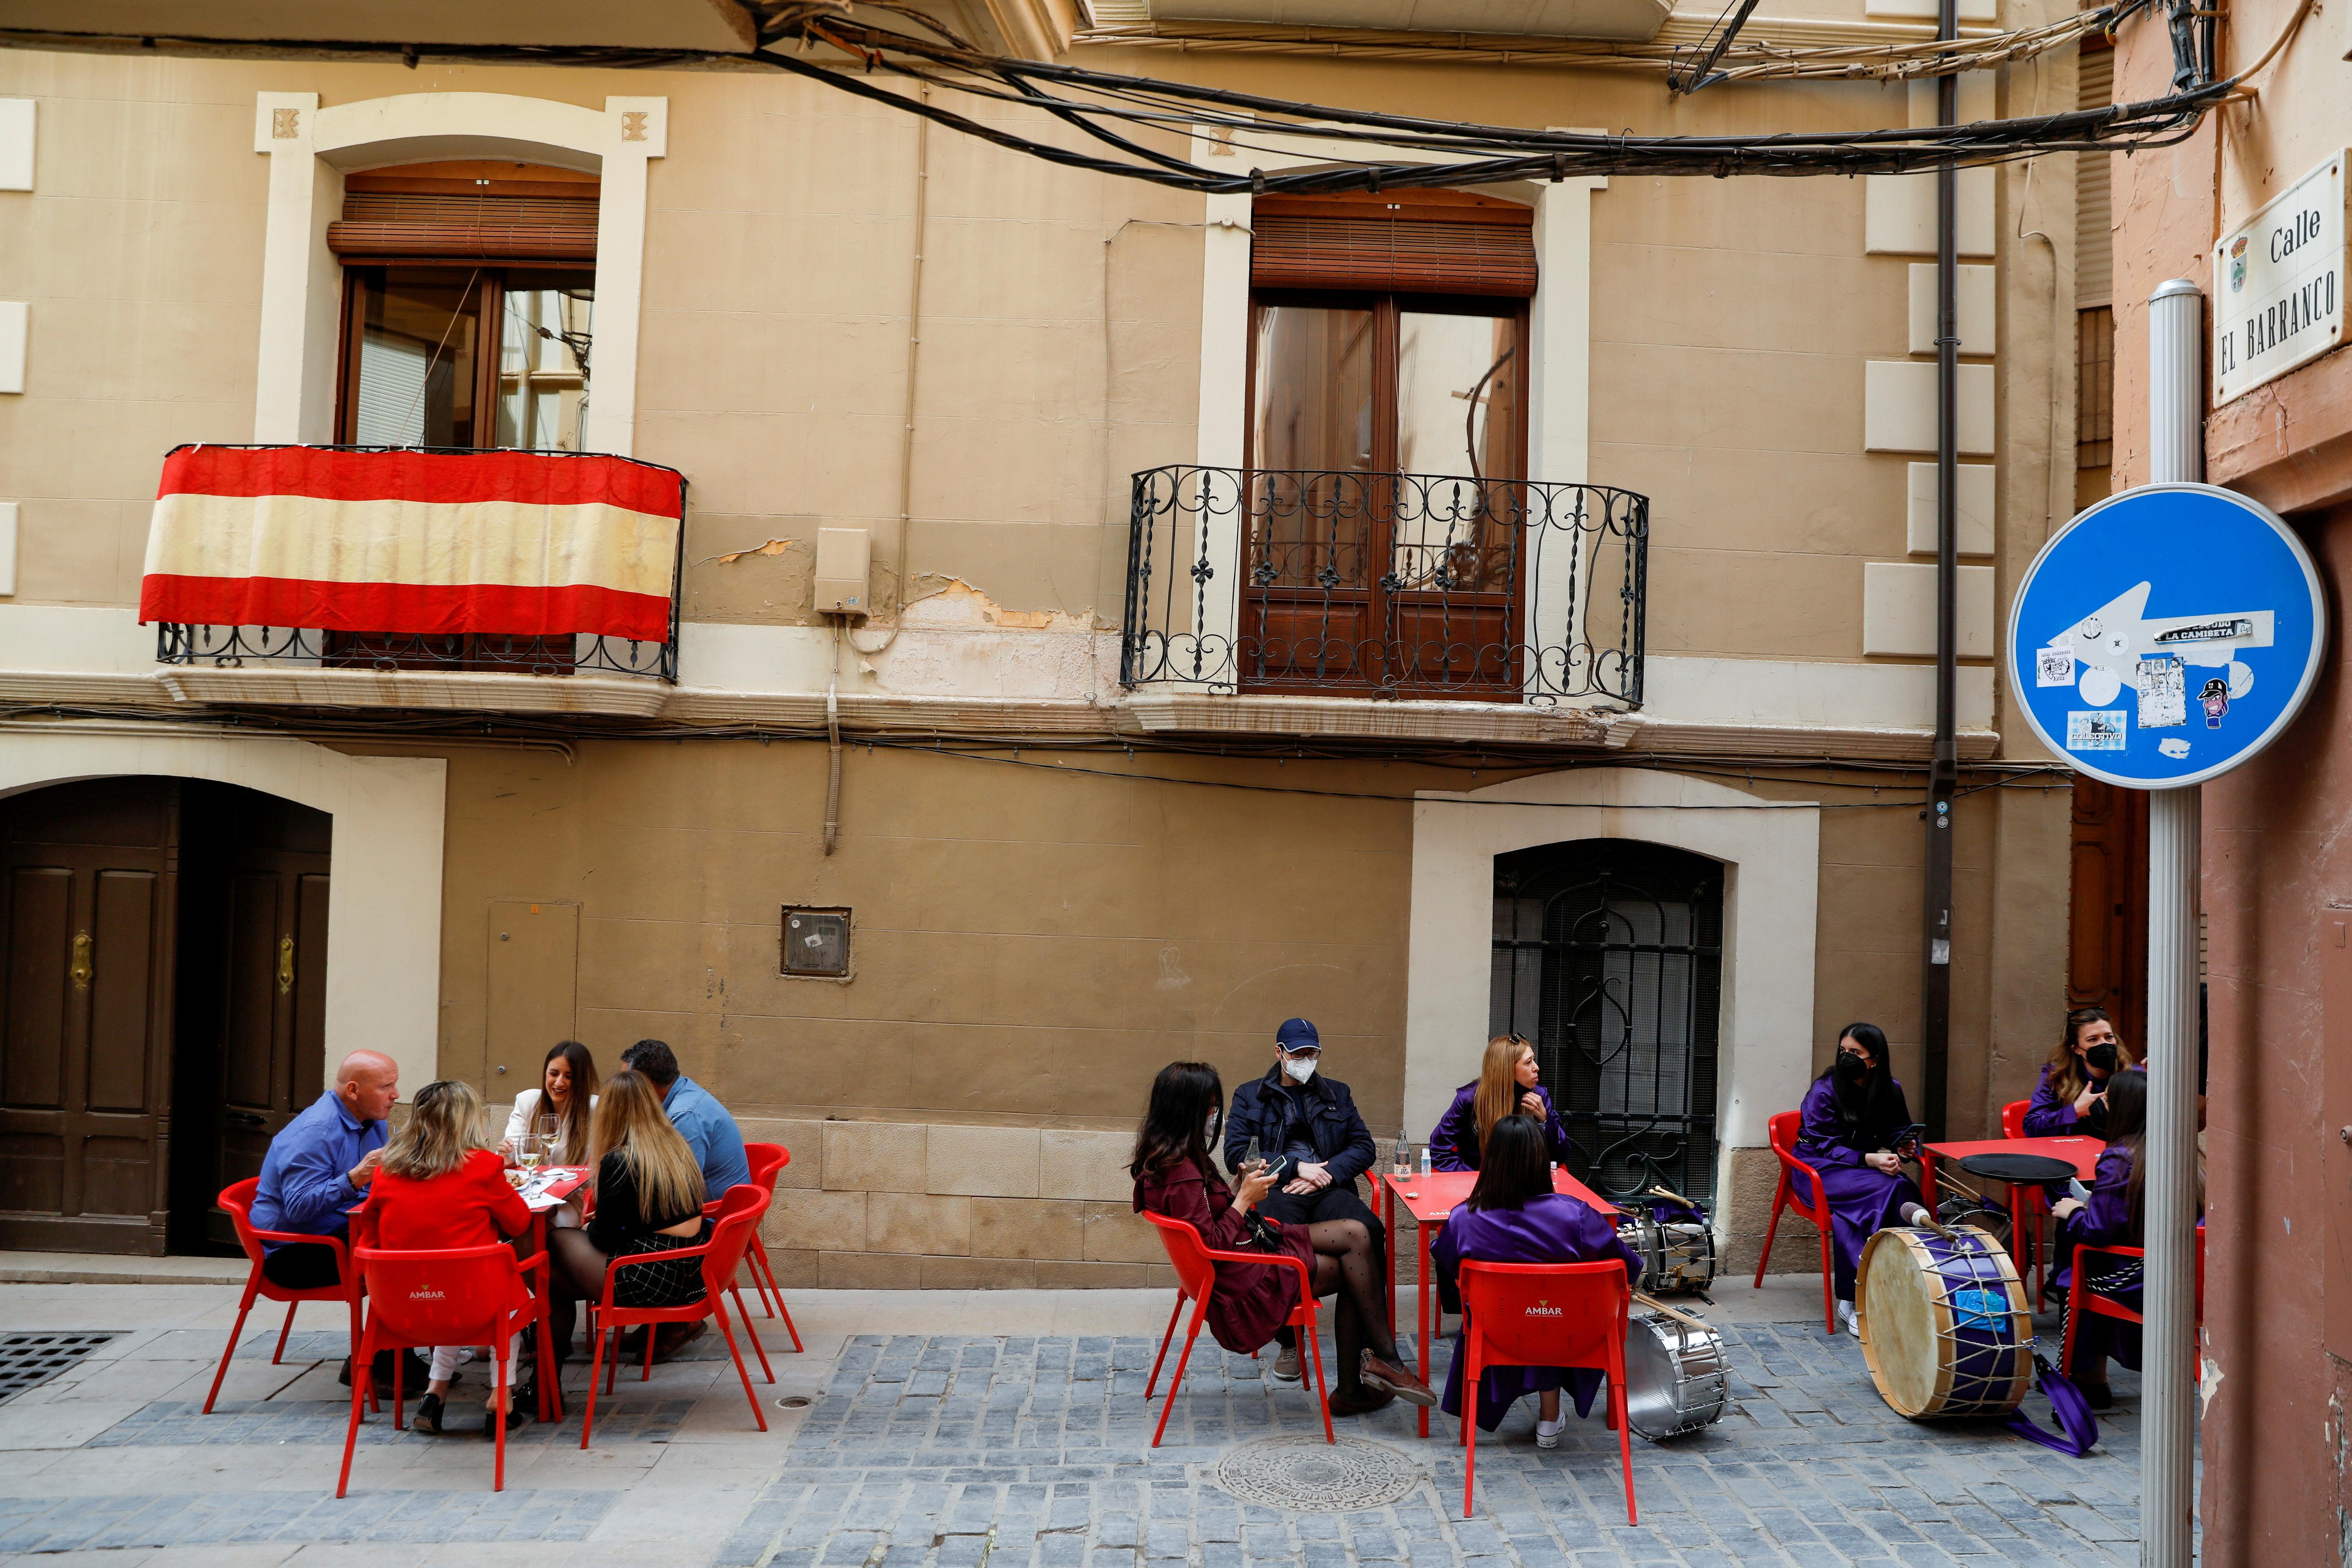 """Άνθρωποι σε μια βεράντα εστιατορίου στο τέλος της Μεγάλης Παρασκευής """"Rompida de la Hora"""" (Breaking of the hour) στην Calanda της Ισπανίας, 2 Απριλίου 2021. REUTERS / Susana Vera"""